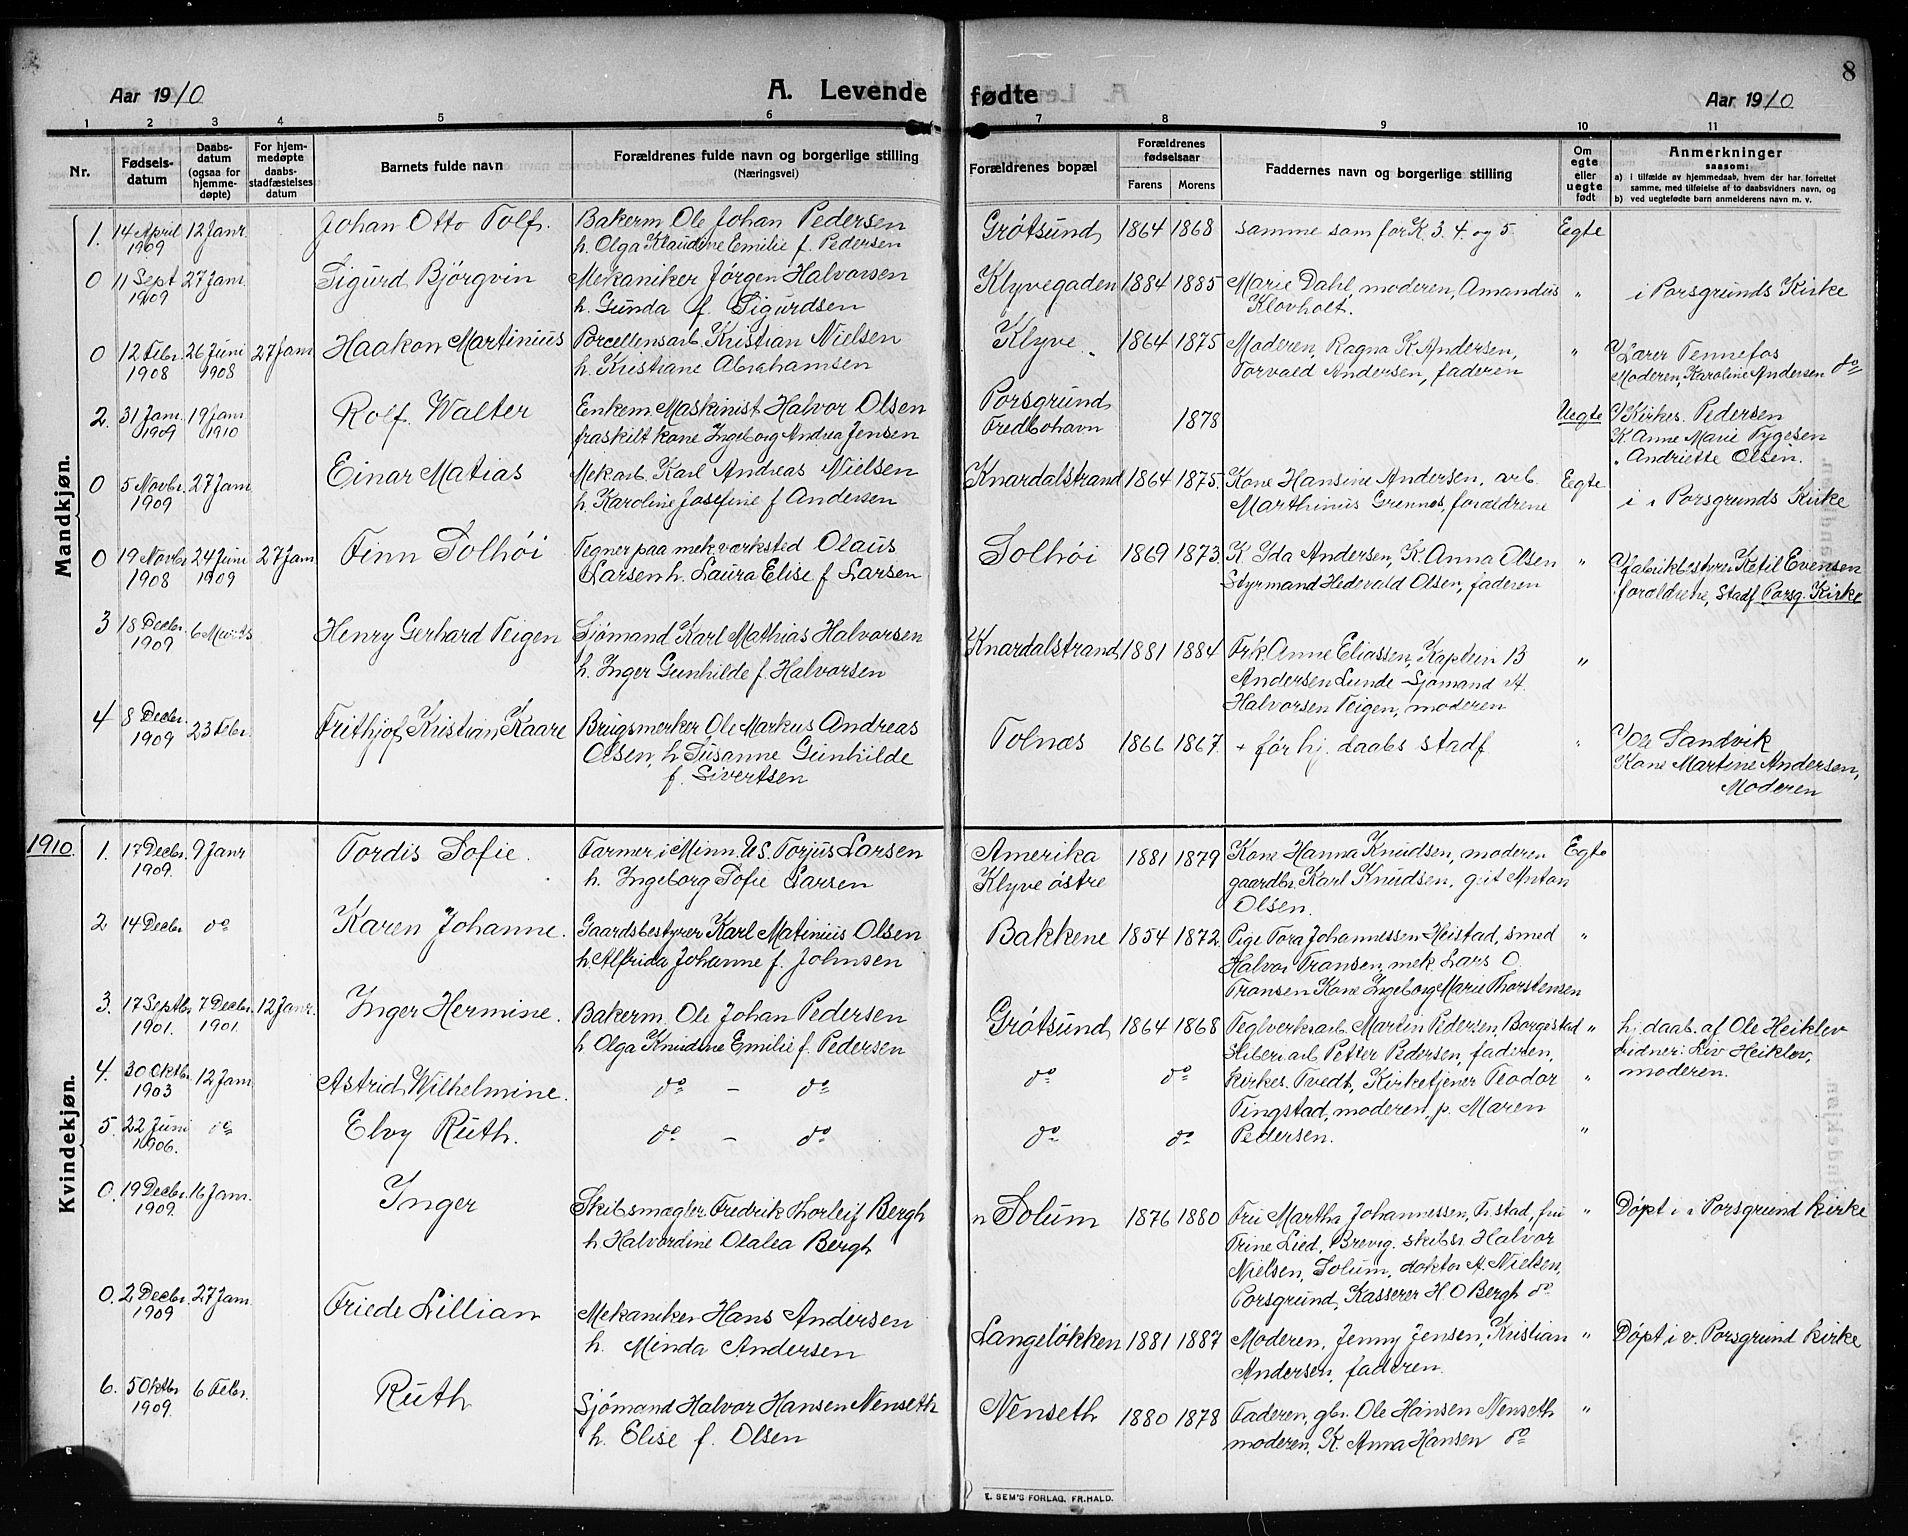 SAKO, Solum kirkebøker, G/Ga/L0009: Klokkerbok nr. I 9, 1909-1922, s. 8